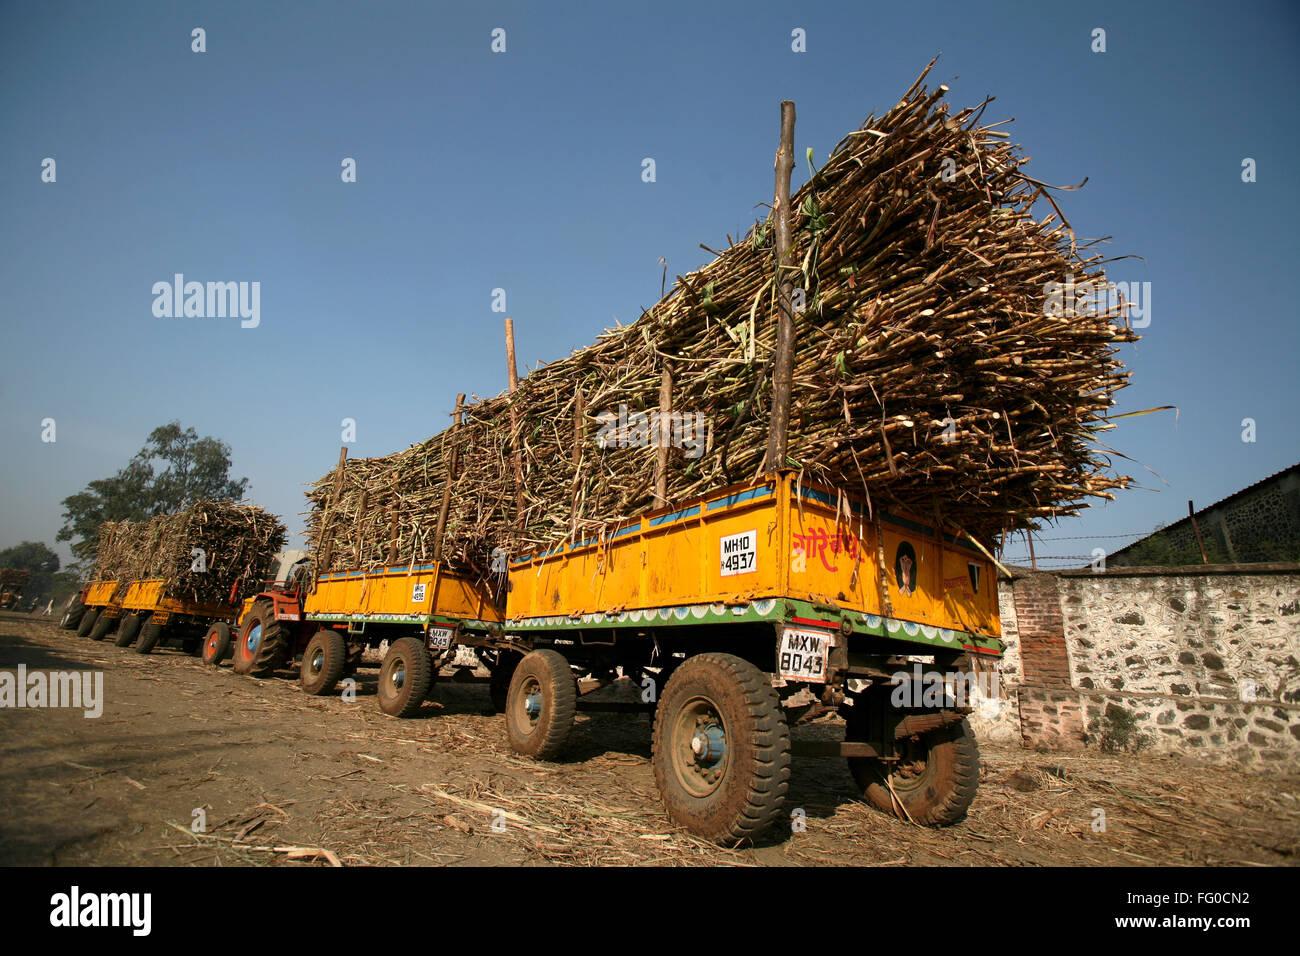 Carichi di canna da zucchero in carrelli trainato da un trattore parcheggiato in coda nella fabbrica di zucchero Immagini Stock